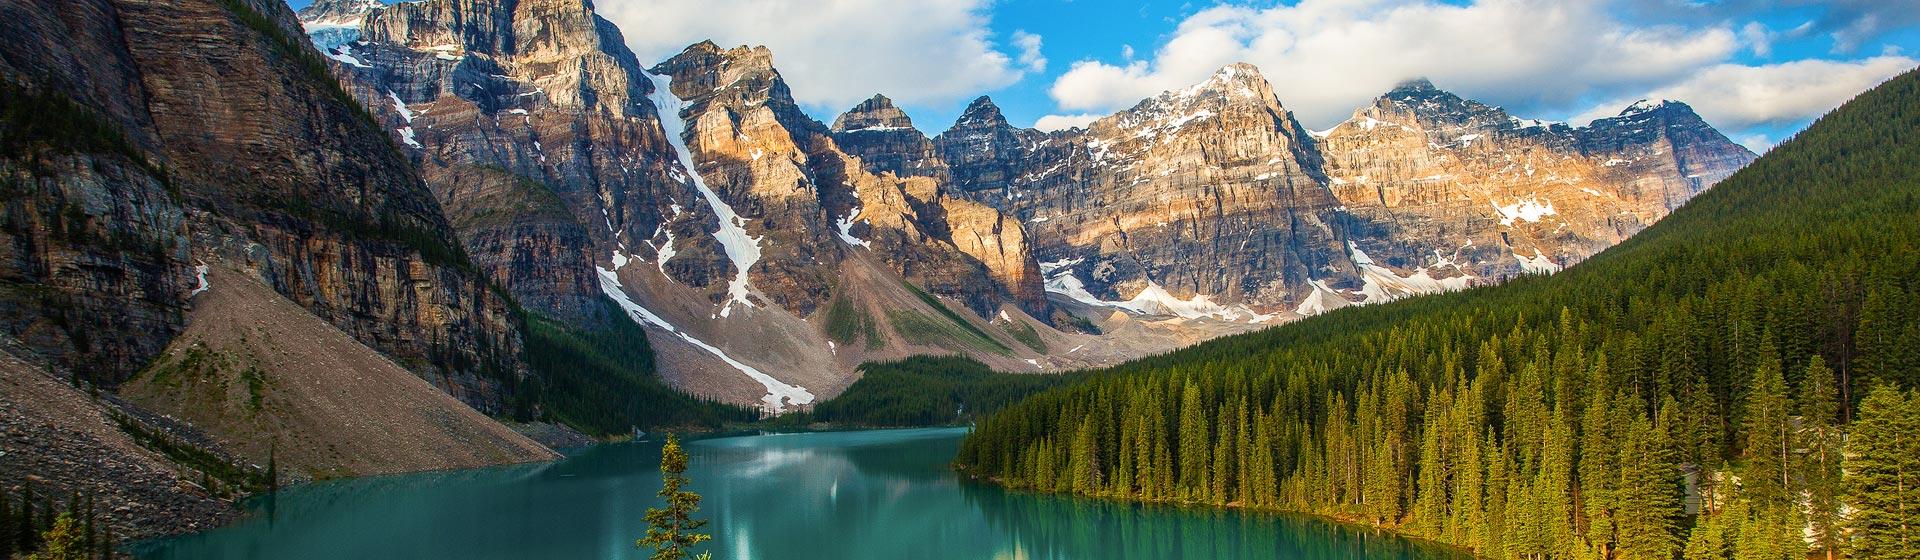 קנדה - הרי הרוקי וקולומביה הבריטית | Wild Travel